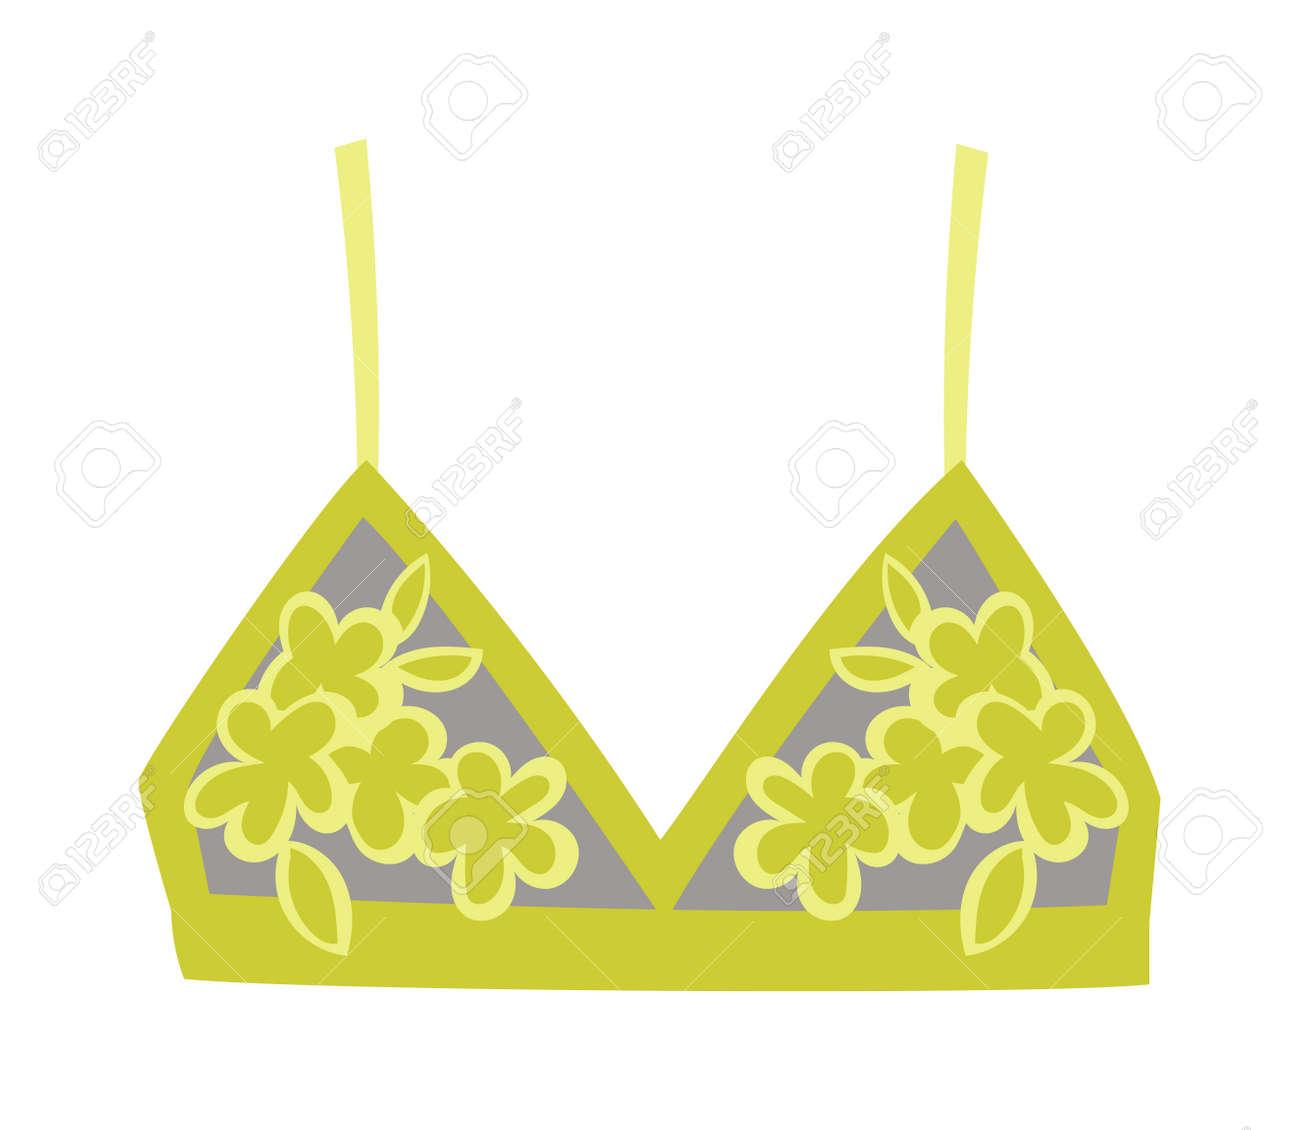 c3de09a39c01a Mode rose soutien-gorge sur fond blanc. Vector soutien-gorge lingerie  sous-vêtements de mode vêtements. Brassiere vêtements femmes sein ...